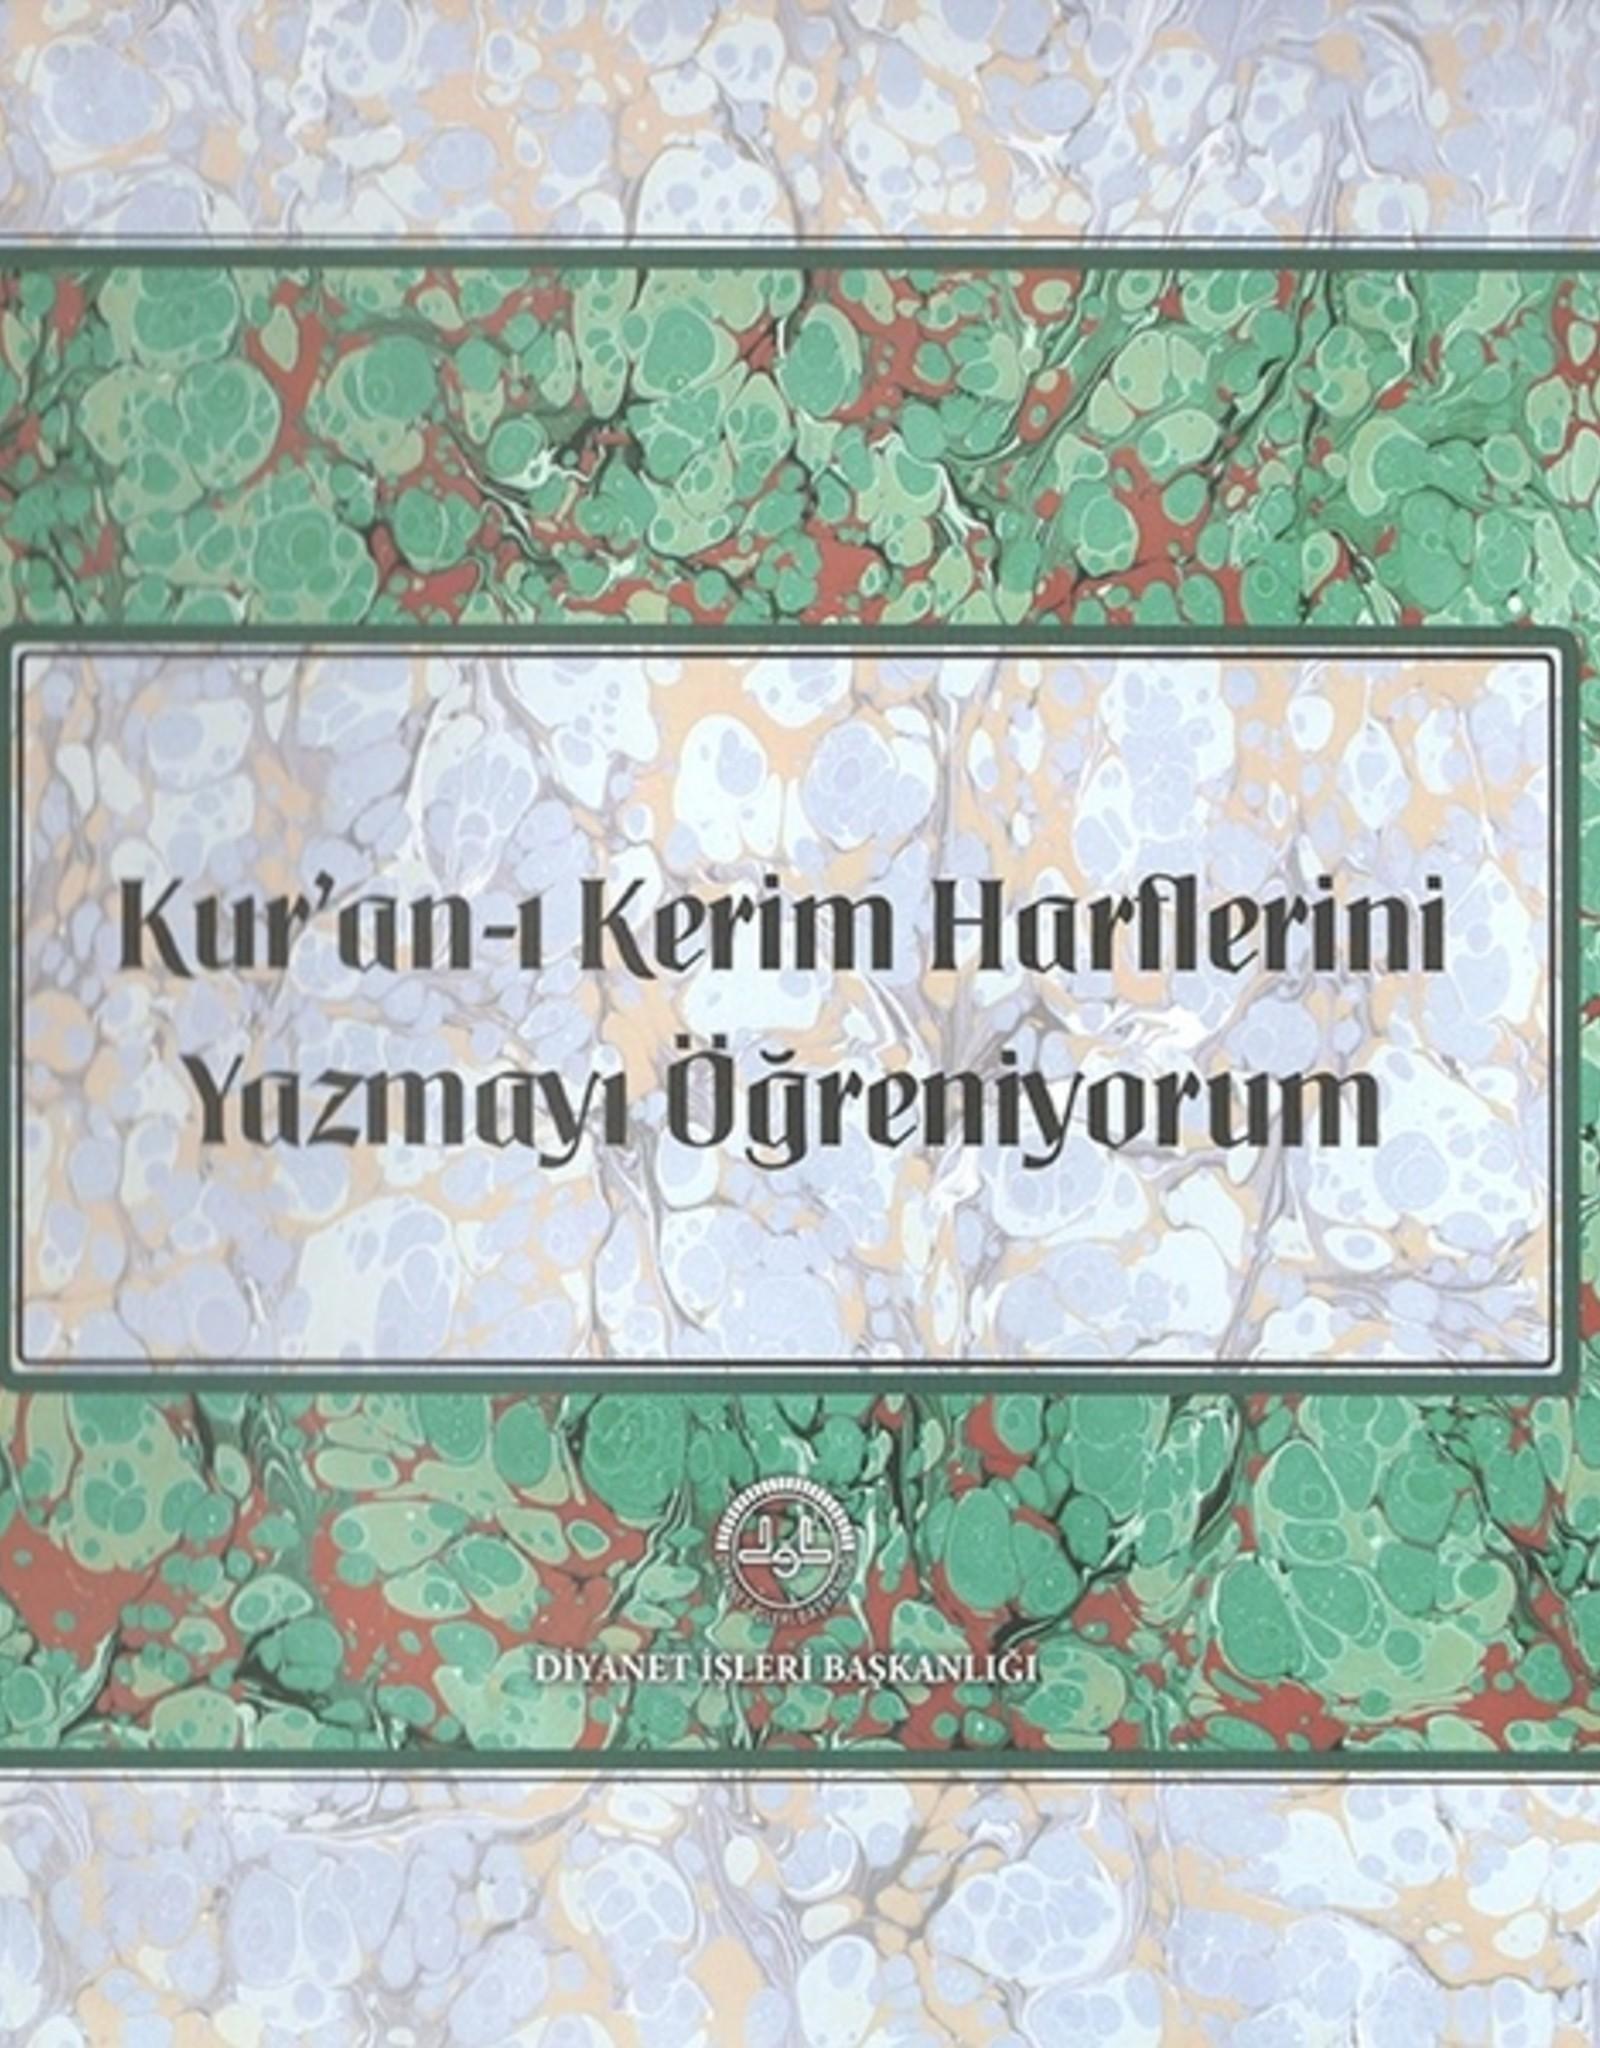 Kuran-ı Kerim Harflerini Yazmayı Öğreniyorum